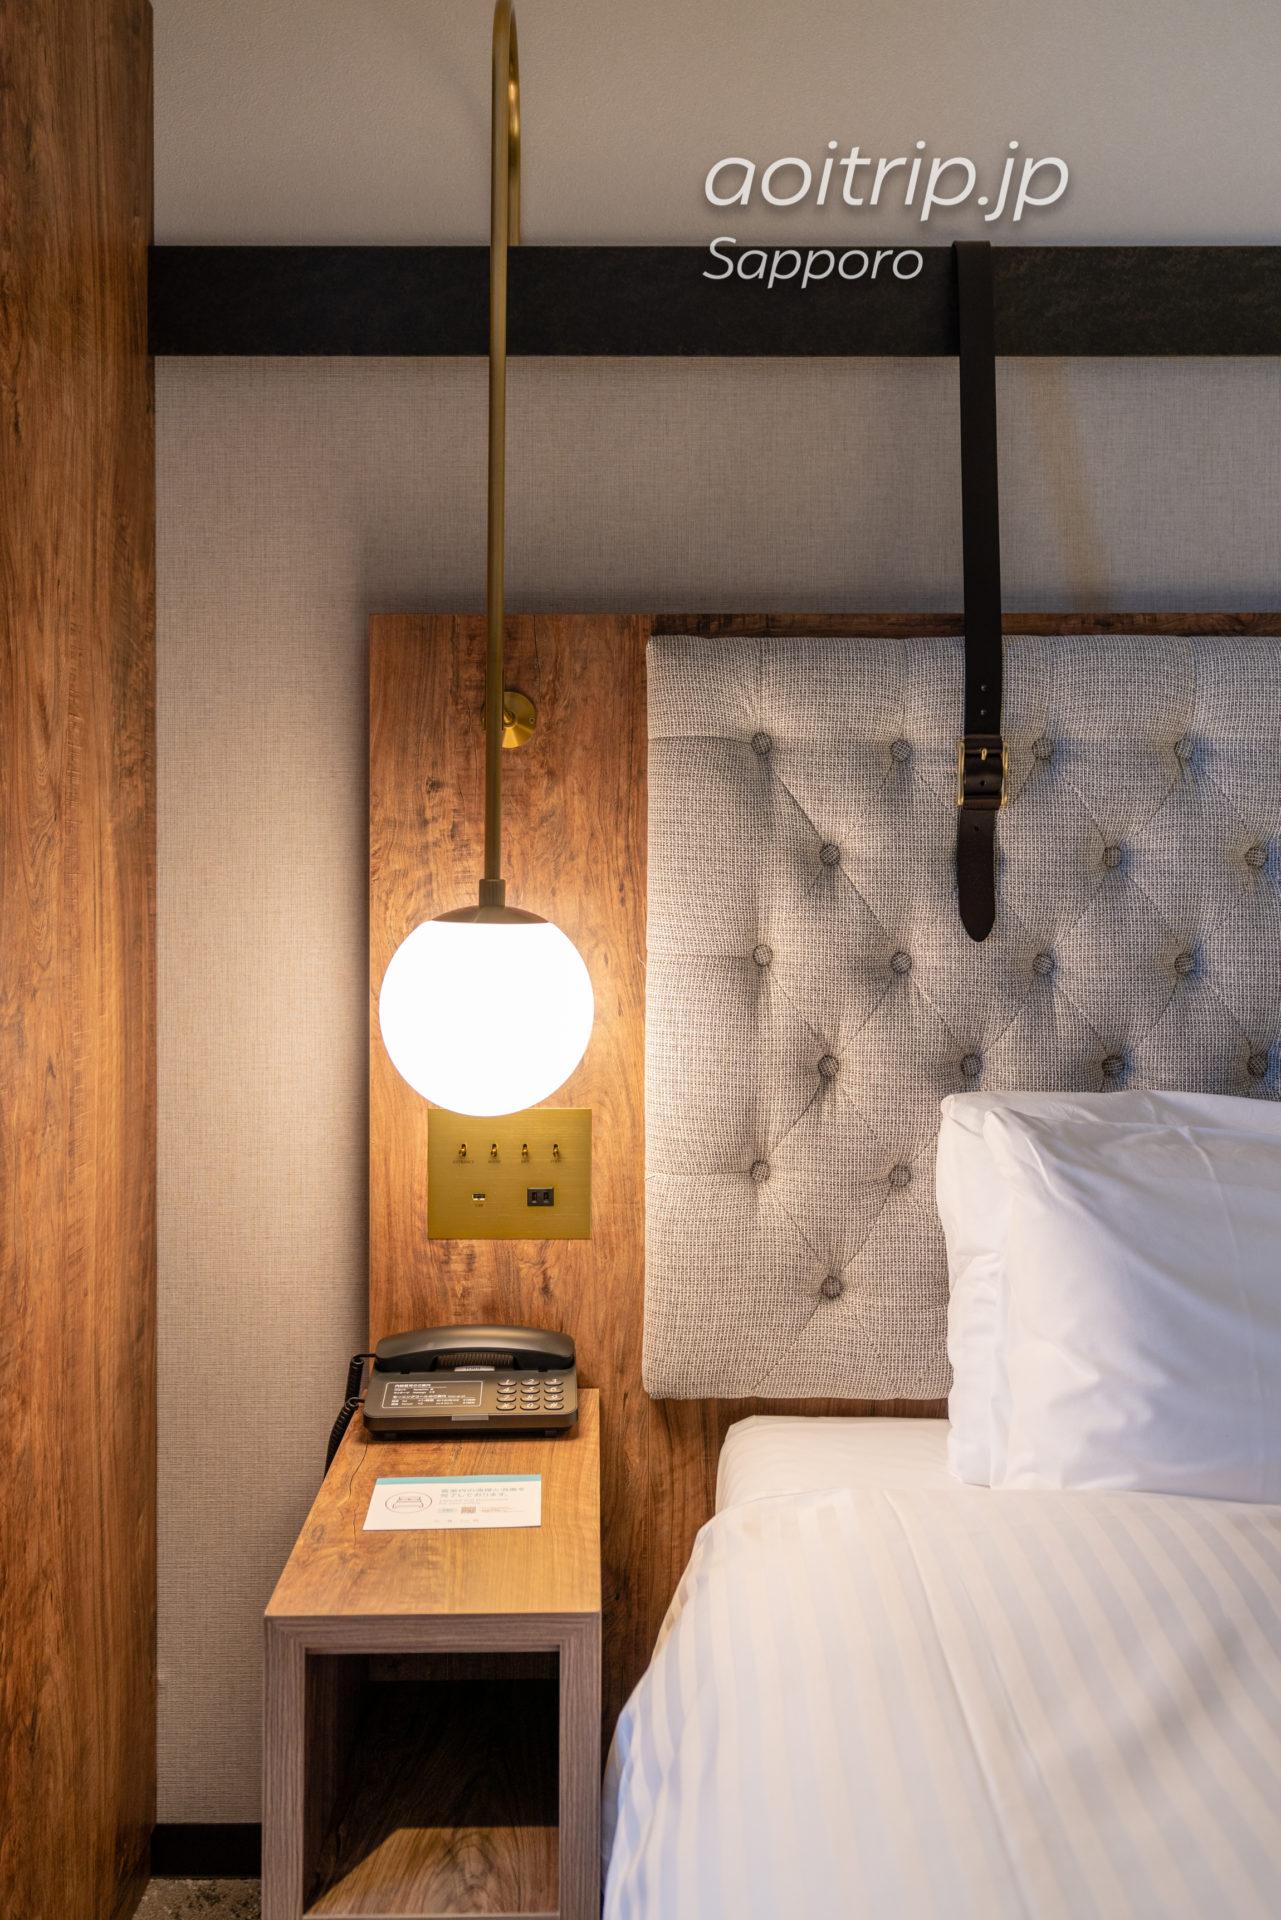 三井ガーデンホテル札幌ウエスト モデレートツインルーム Moderate Twin Room